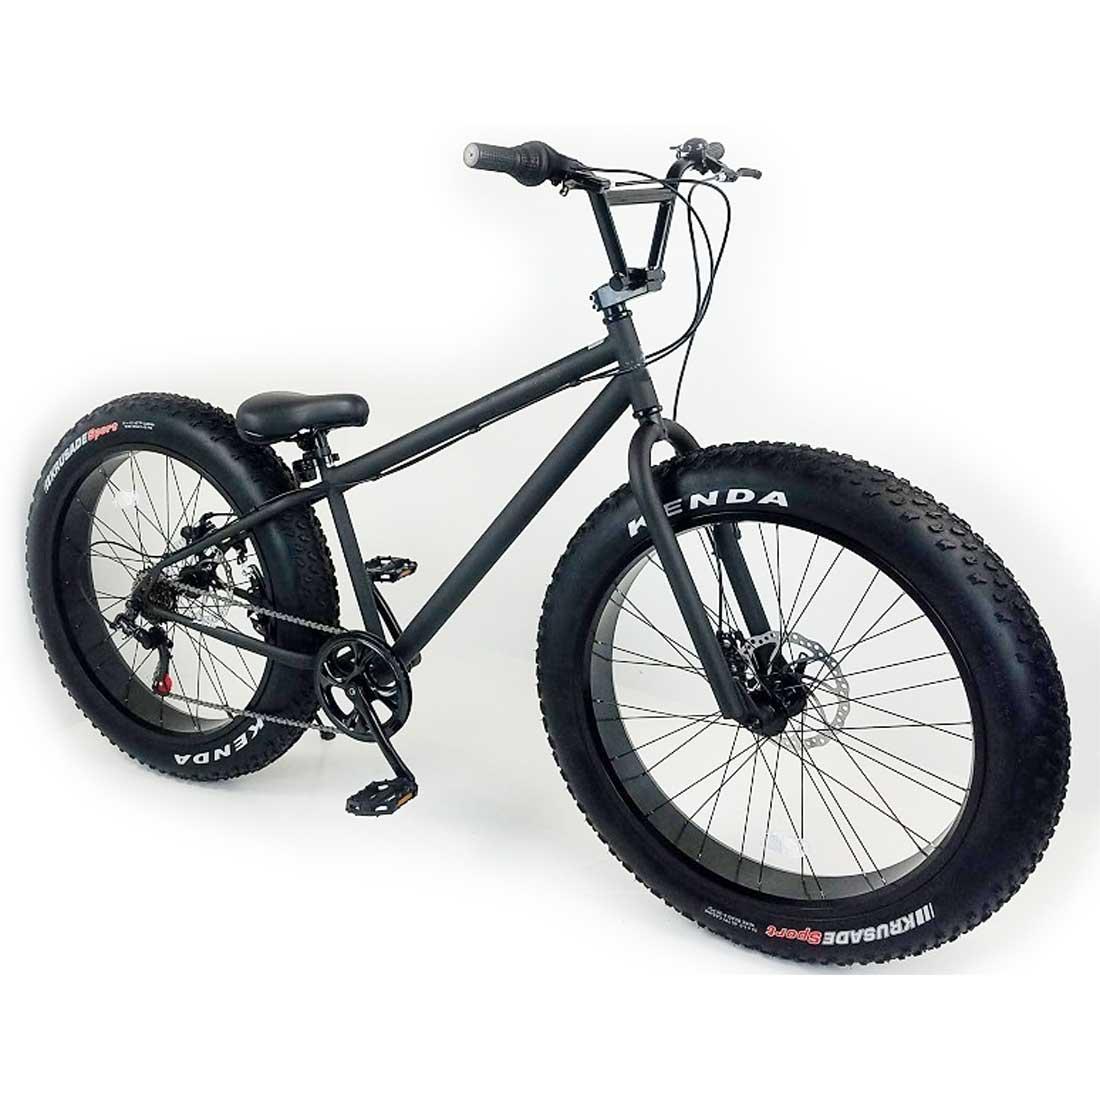 ファットバイク 26インチ 極太タイヤ 変速付 おしゃれ 自転車 通勤 通学 店長 おすすめ ラナイマカイ 26インチ ファットバイク マットブラック×ブラックリム メンズ レディース